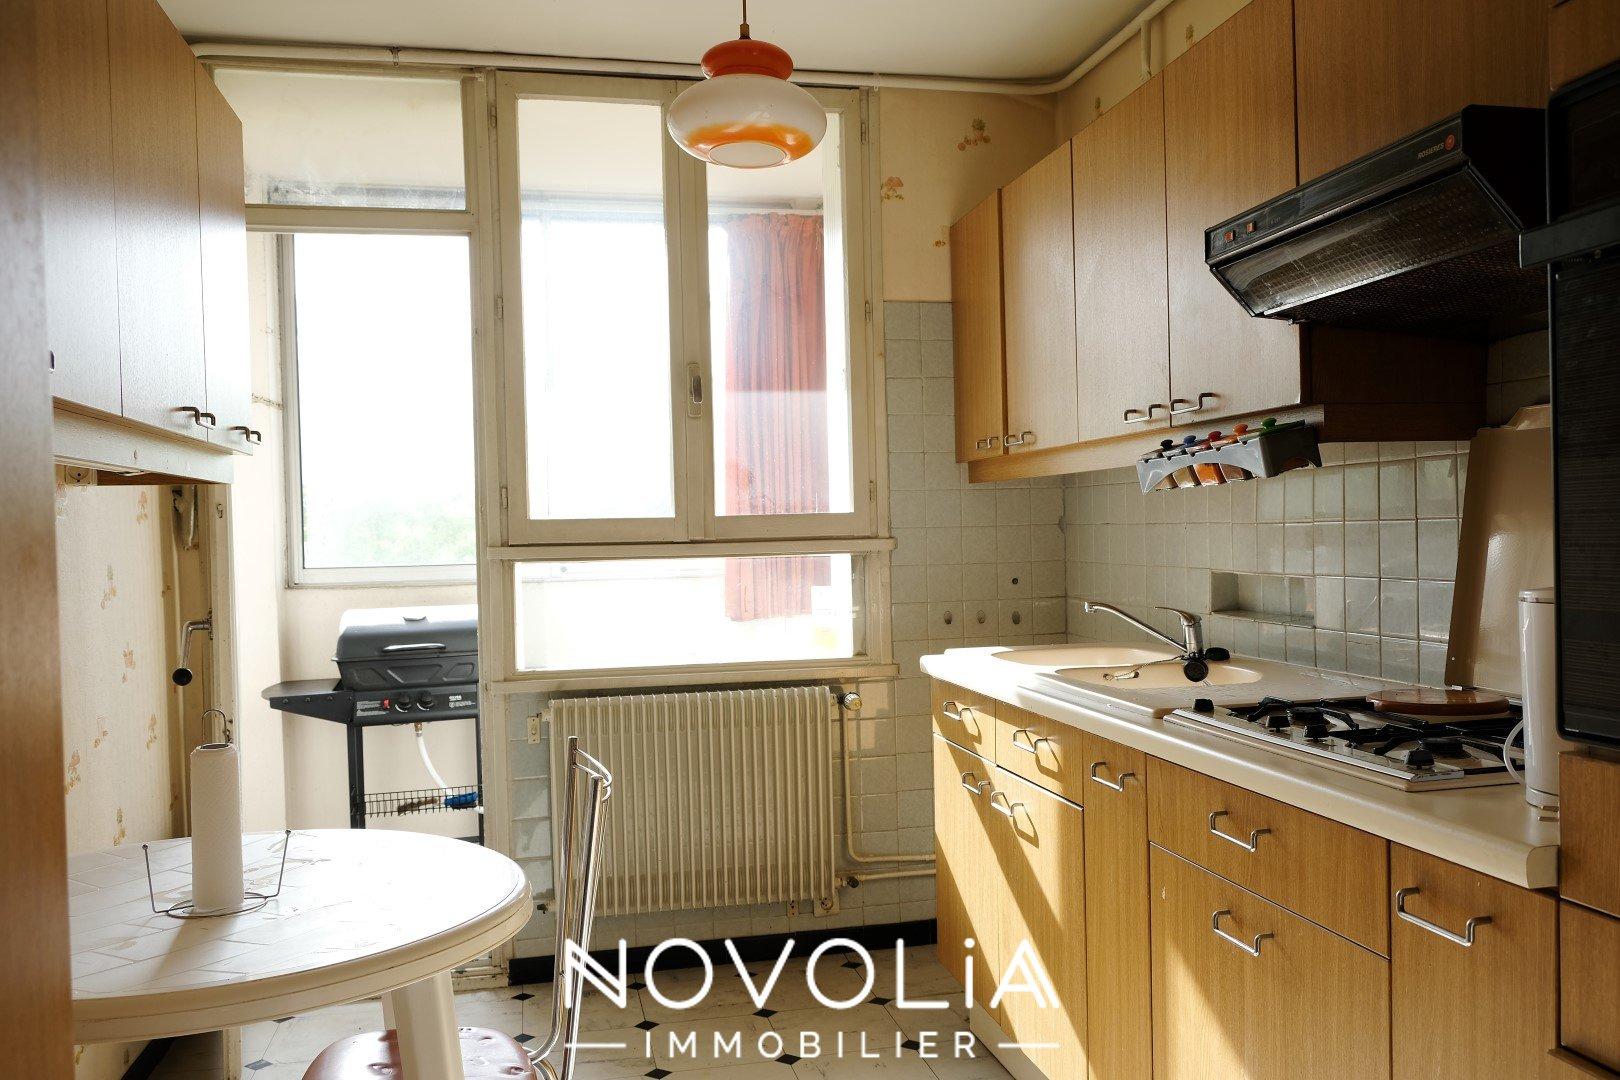 Achat Appartement, Surface de 63 m²/ Total carrez : 63 m², 3 pièces, Vénissieux (69200)